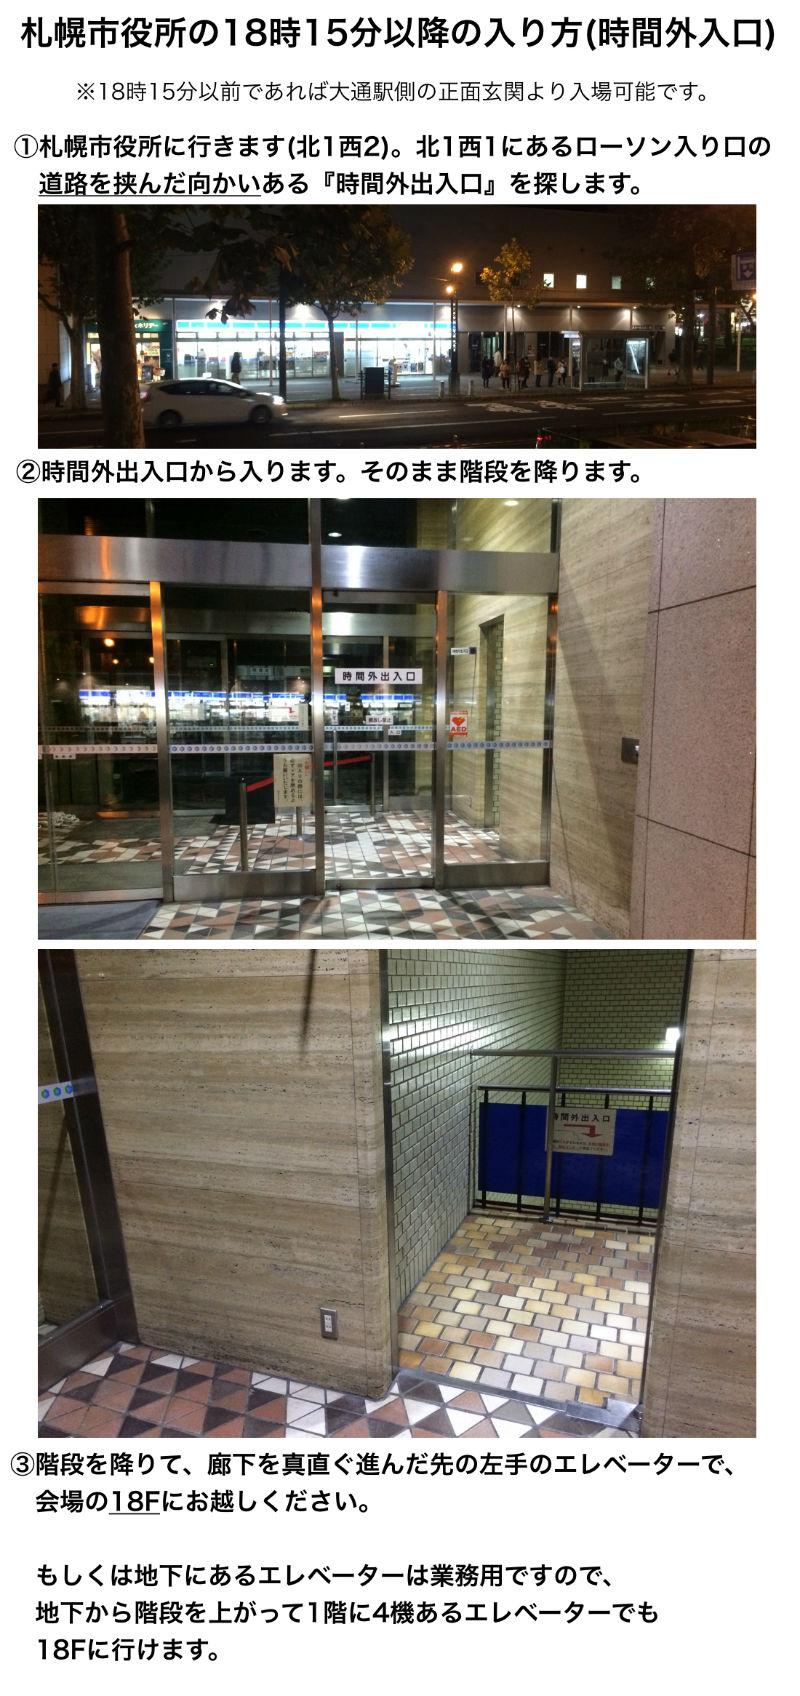 札幌市役所の18時15分以降の入り方(時間外入口)